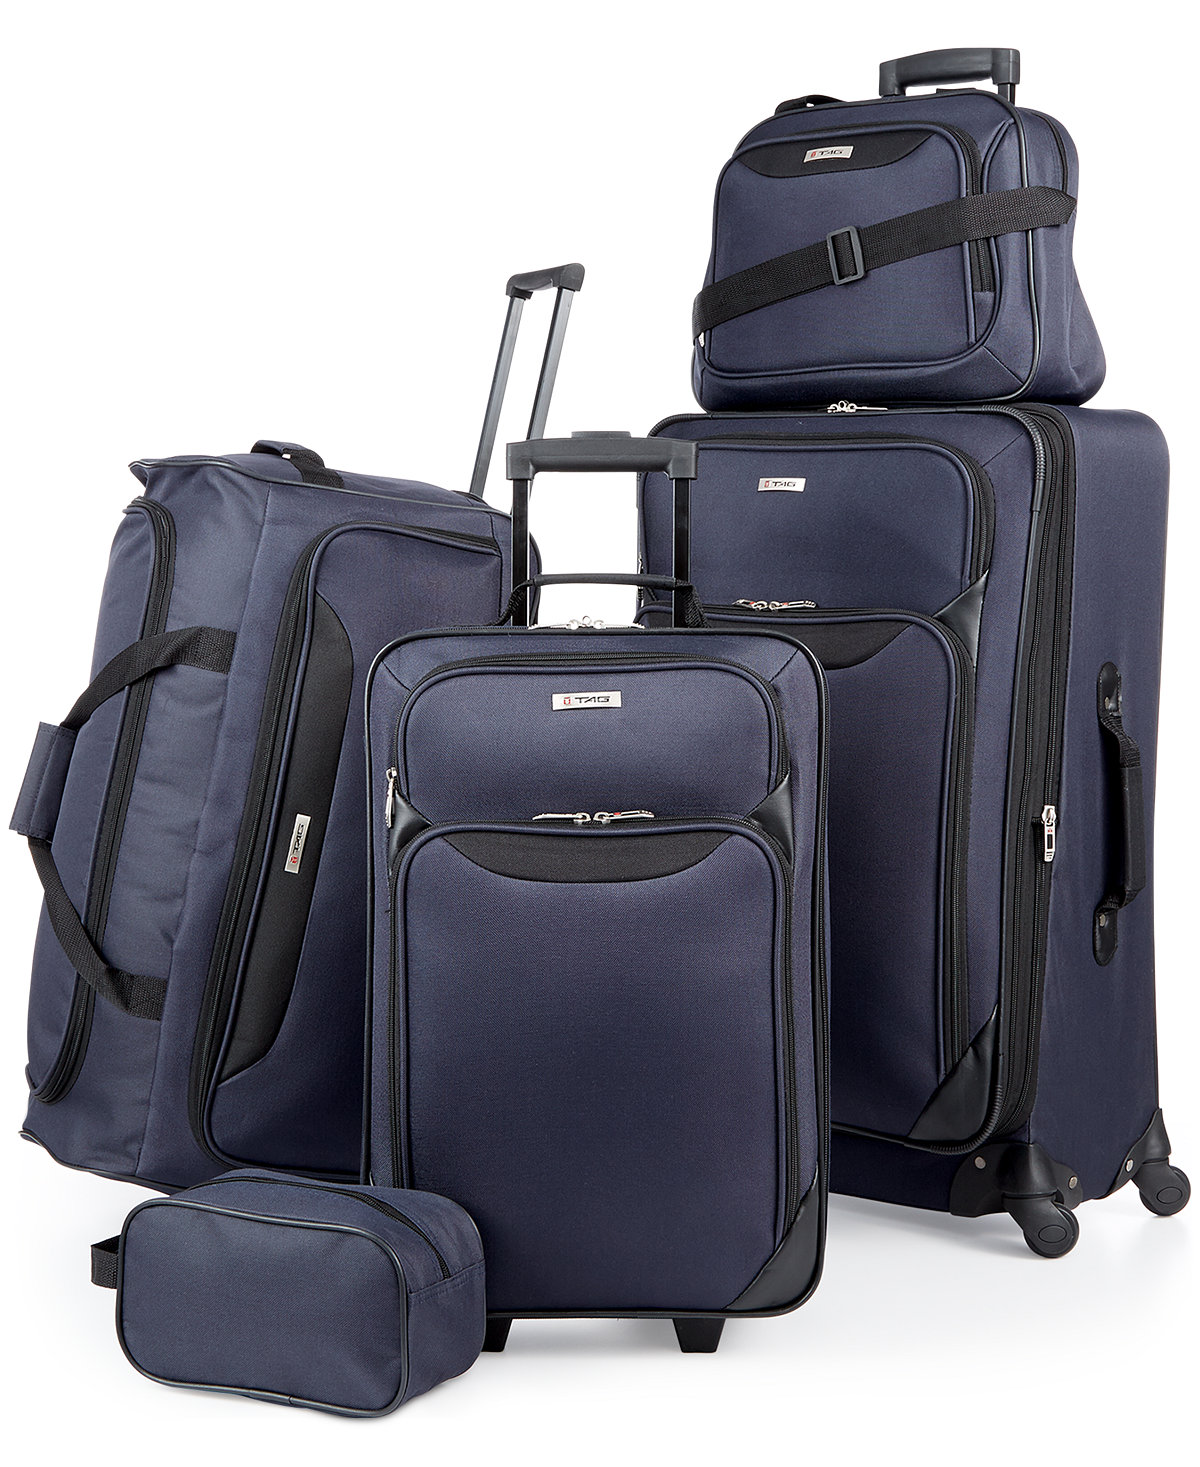 周末特价!五件套行李箱只要 $59.99!